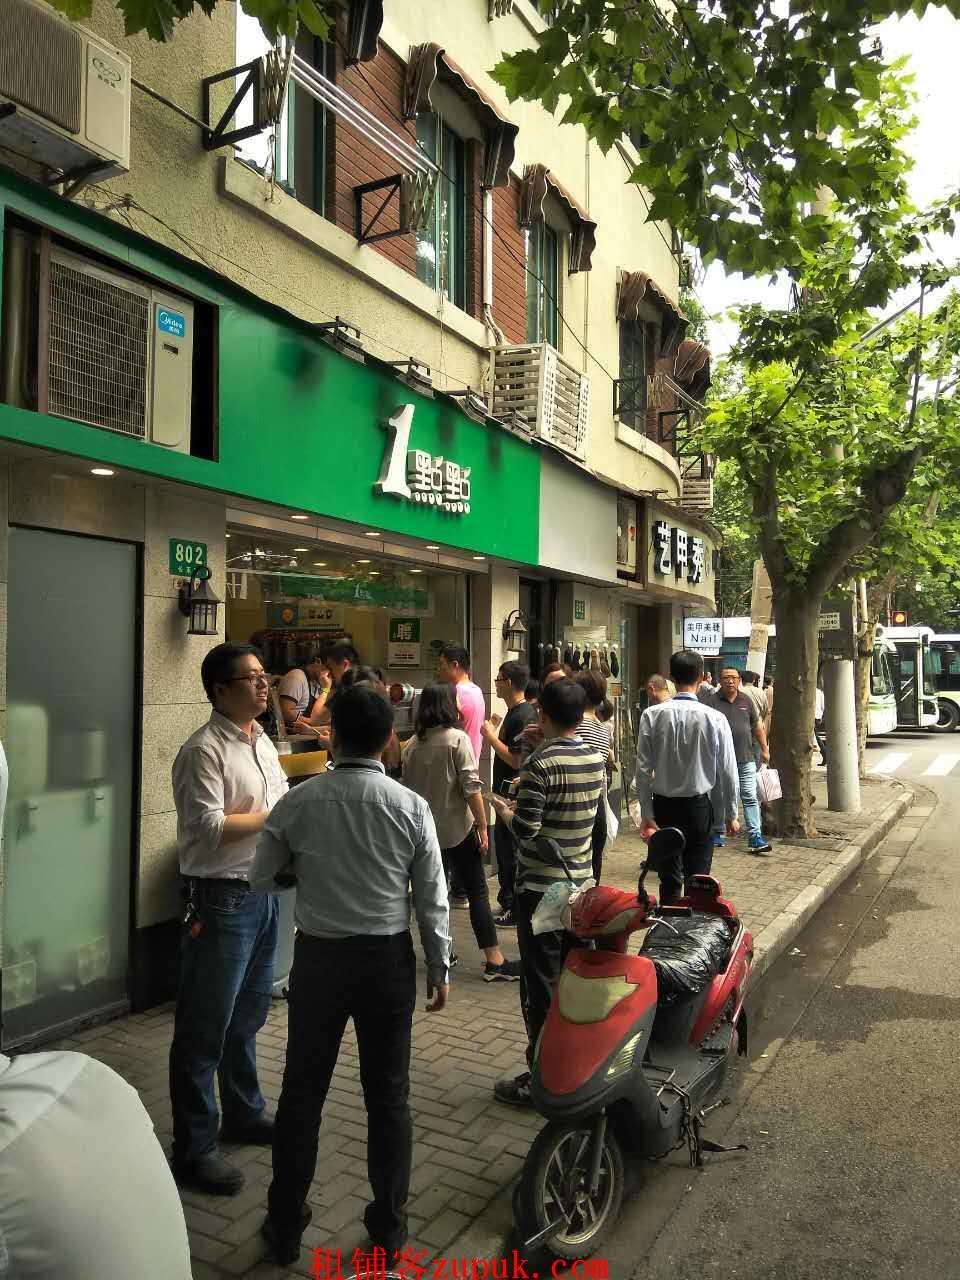 漕宝路十字路口 客流量超大 执照齐全 适合早餐小吃